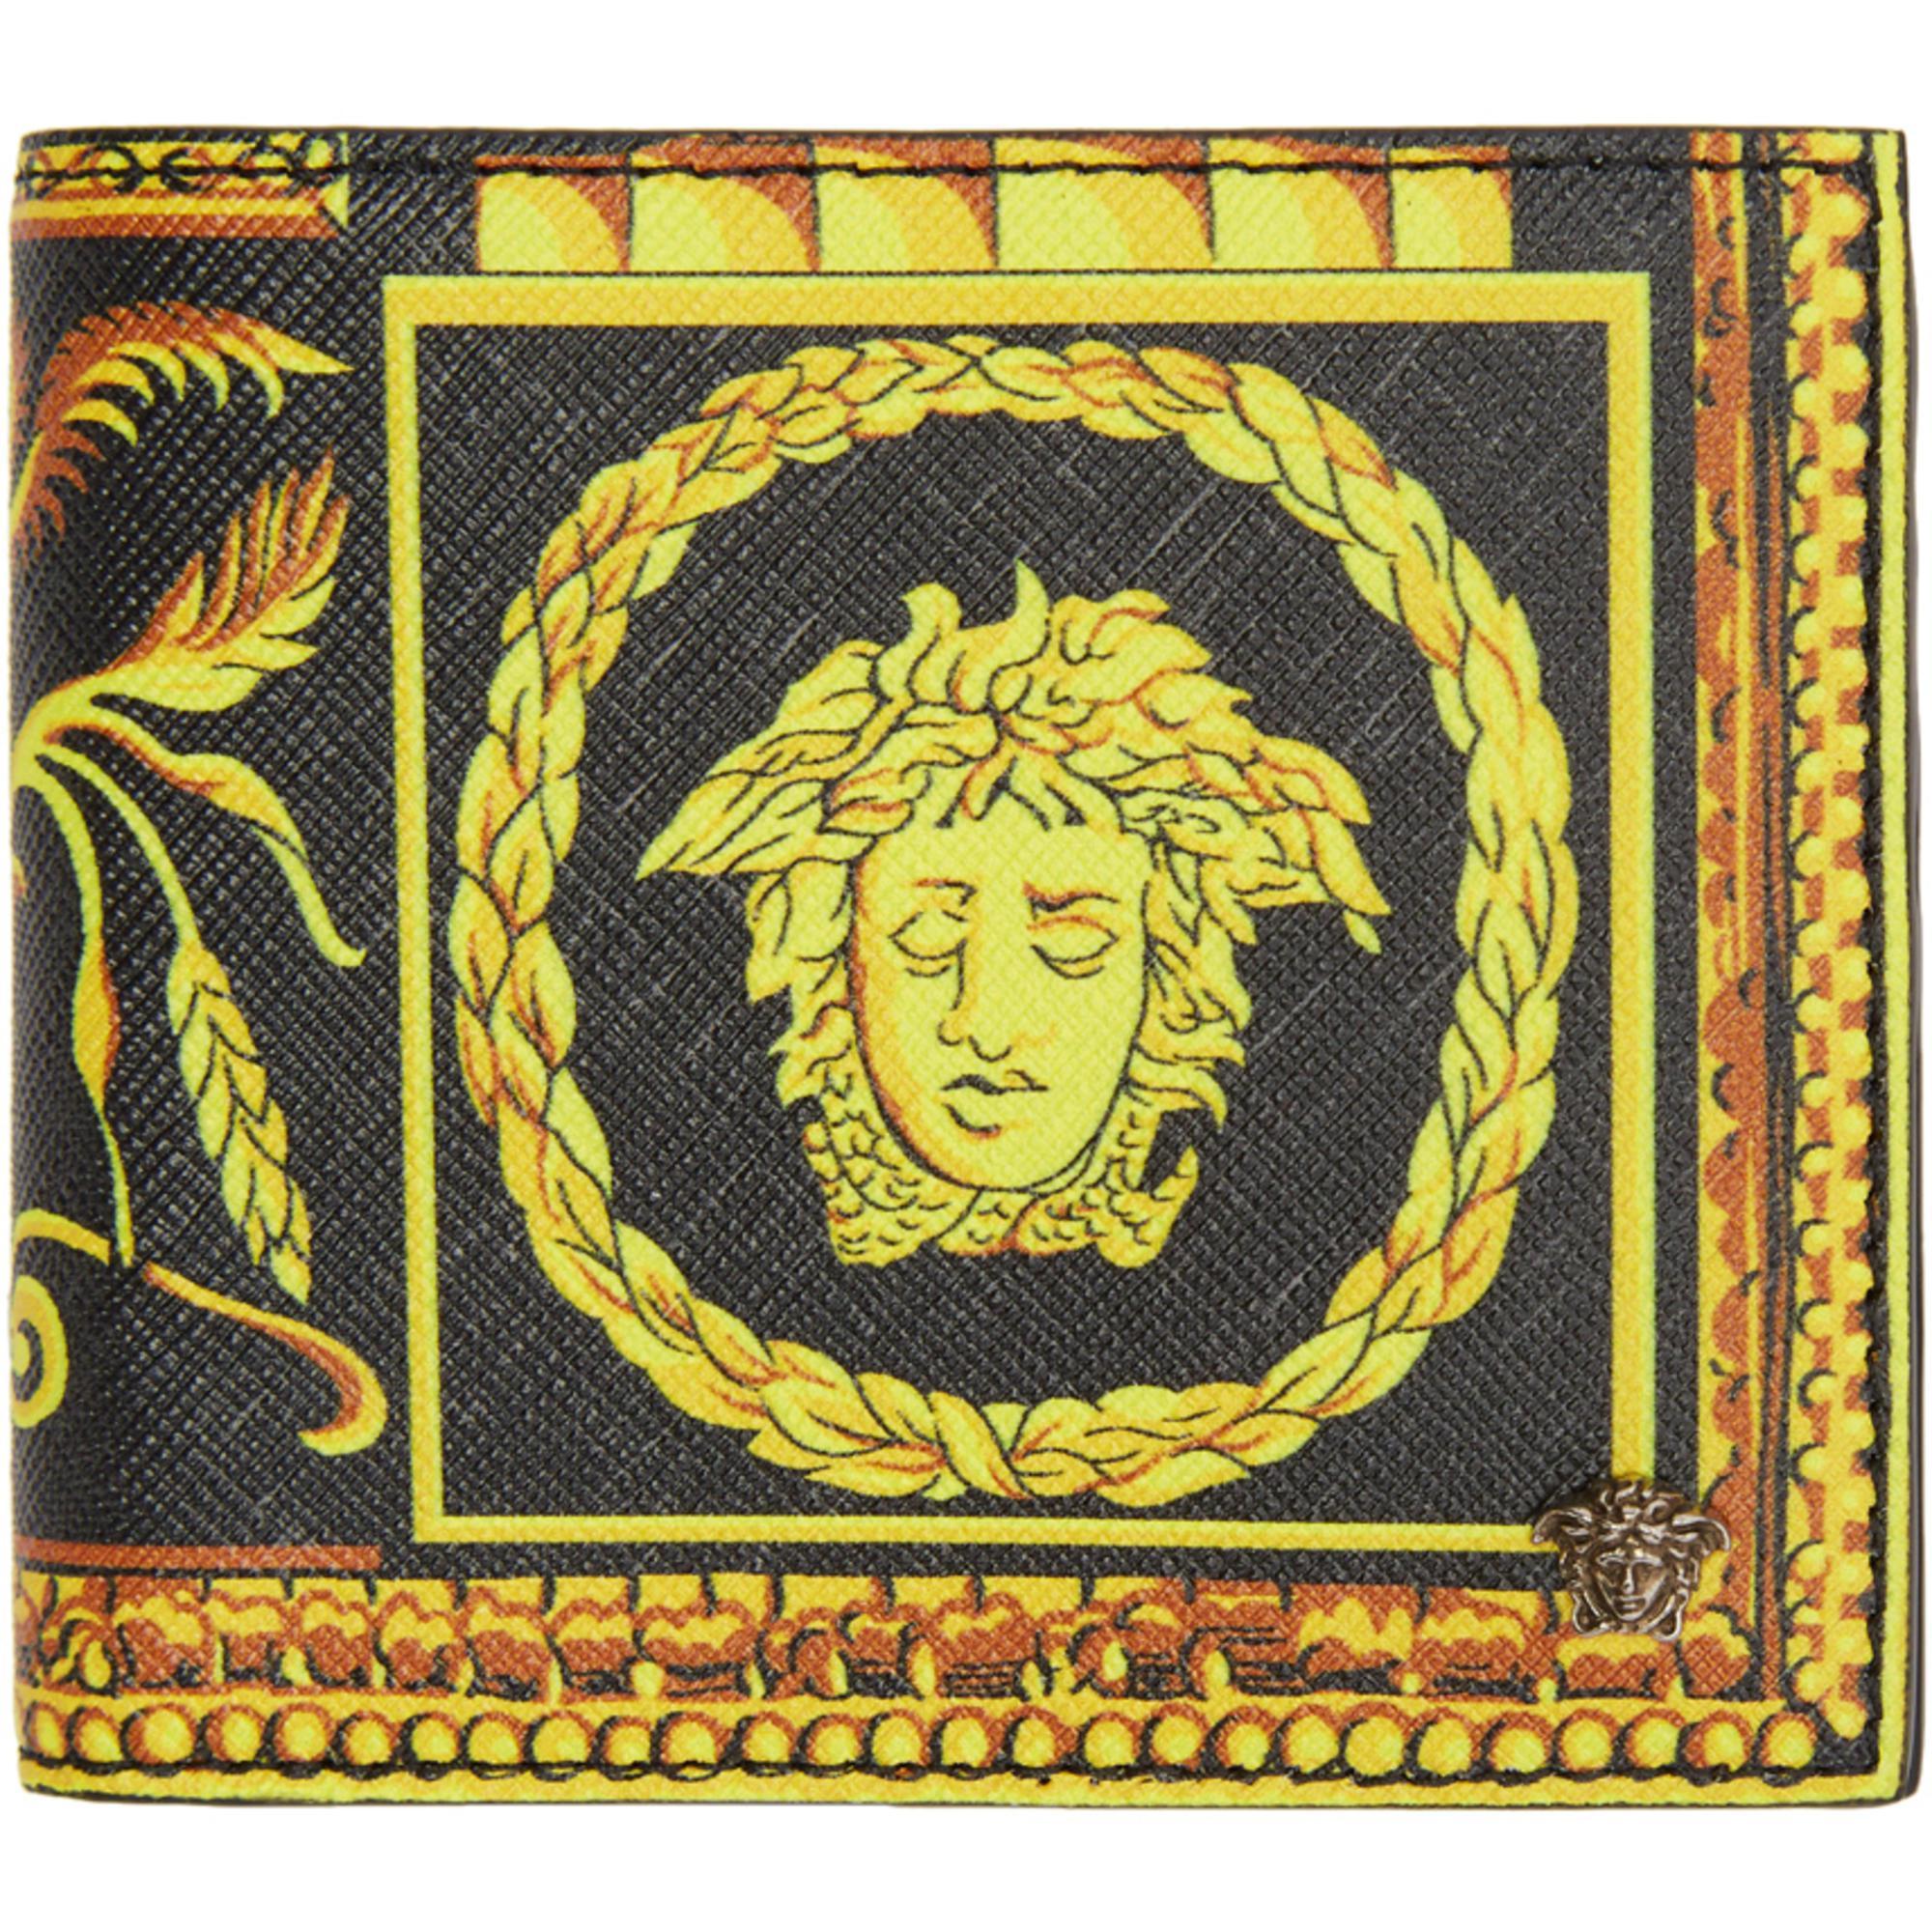 Lyst - Portefeuille noir Cornici Print Versace pour homme en coloris ... 19685855ce8